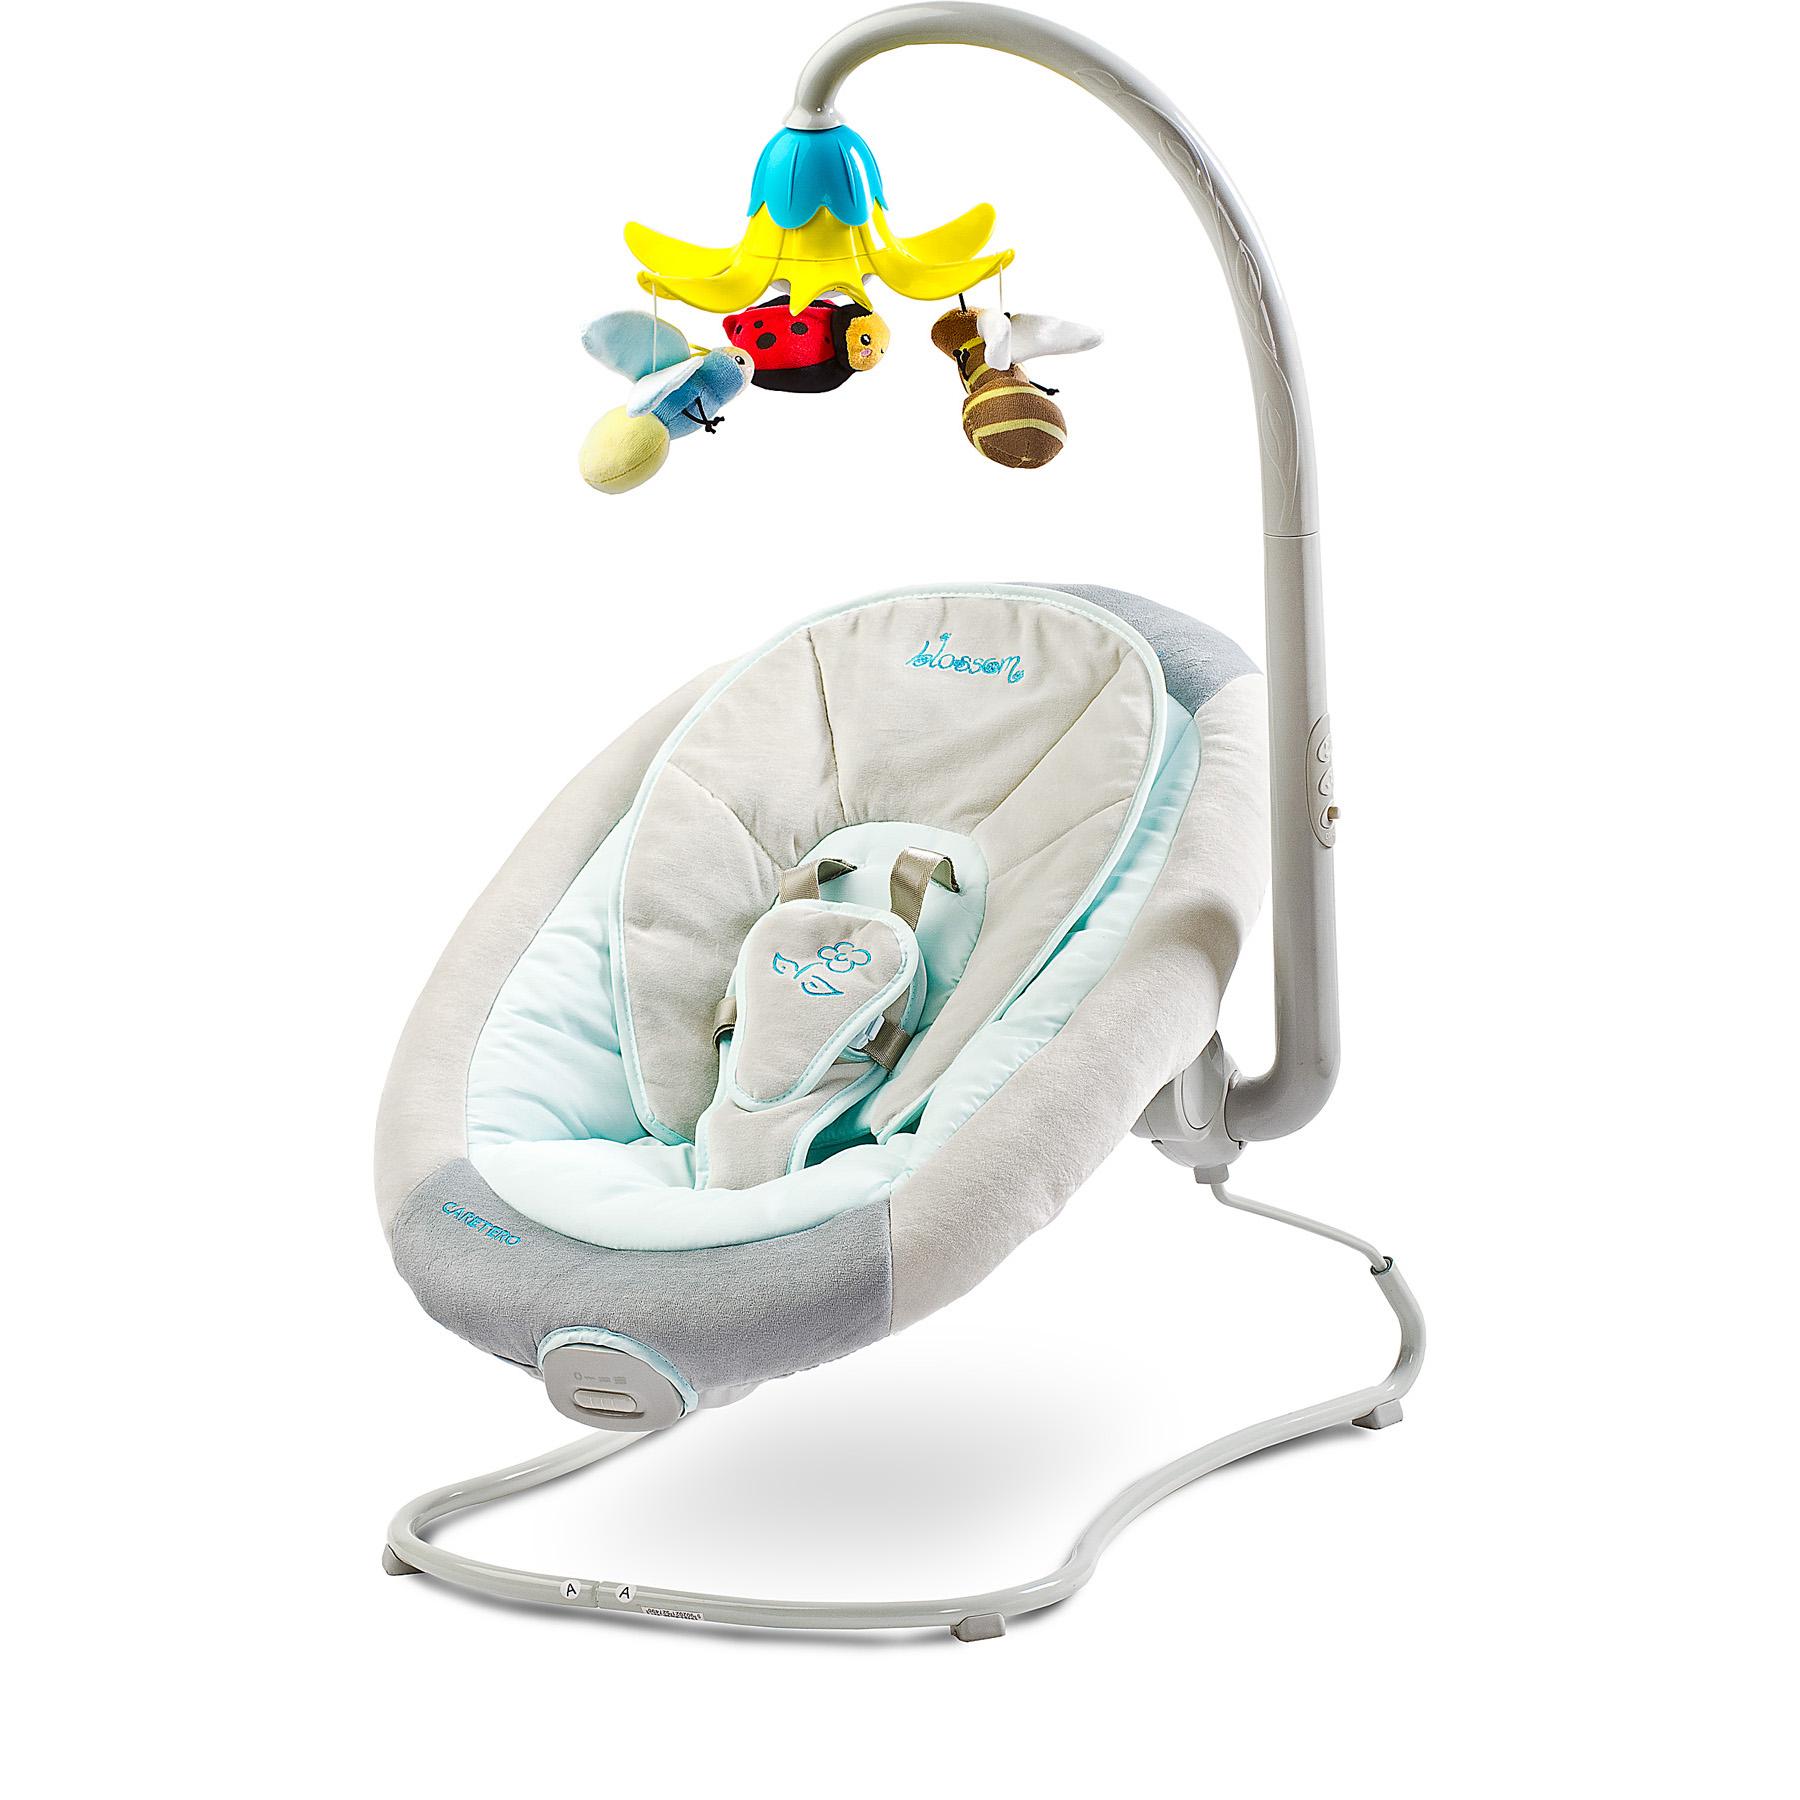 Babyschaukel Babywippe Babysitz Schaukel mit Vibration BLOSSOM GREEN Caretero